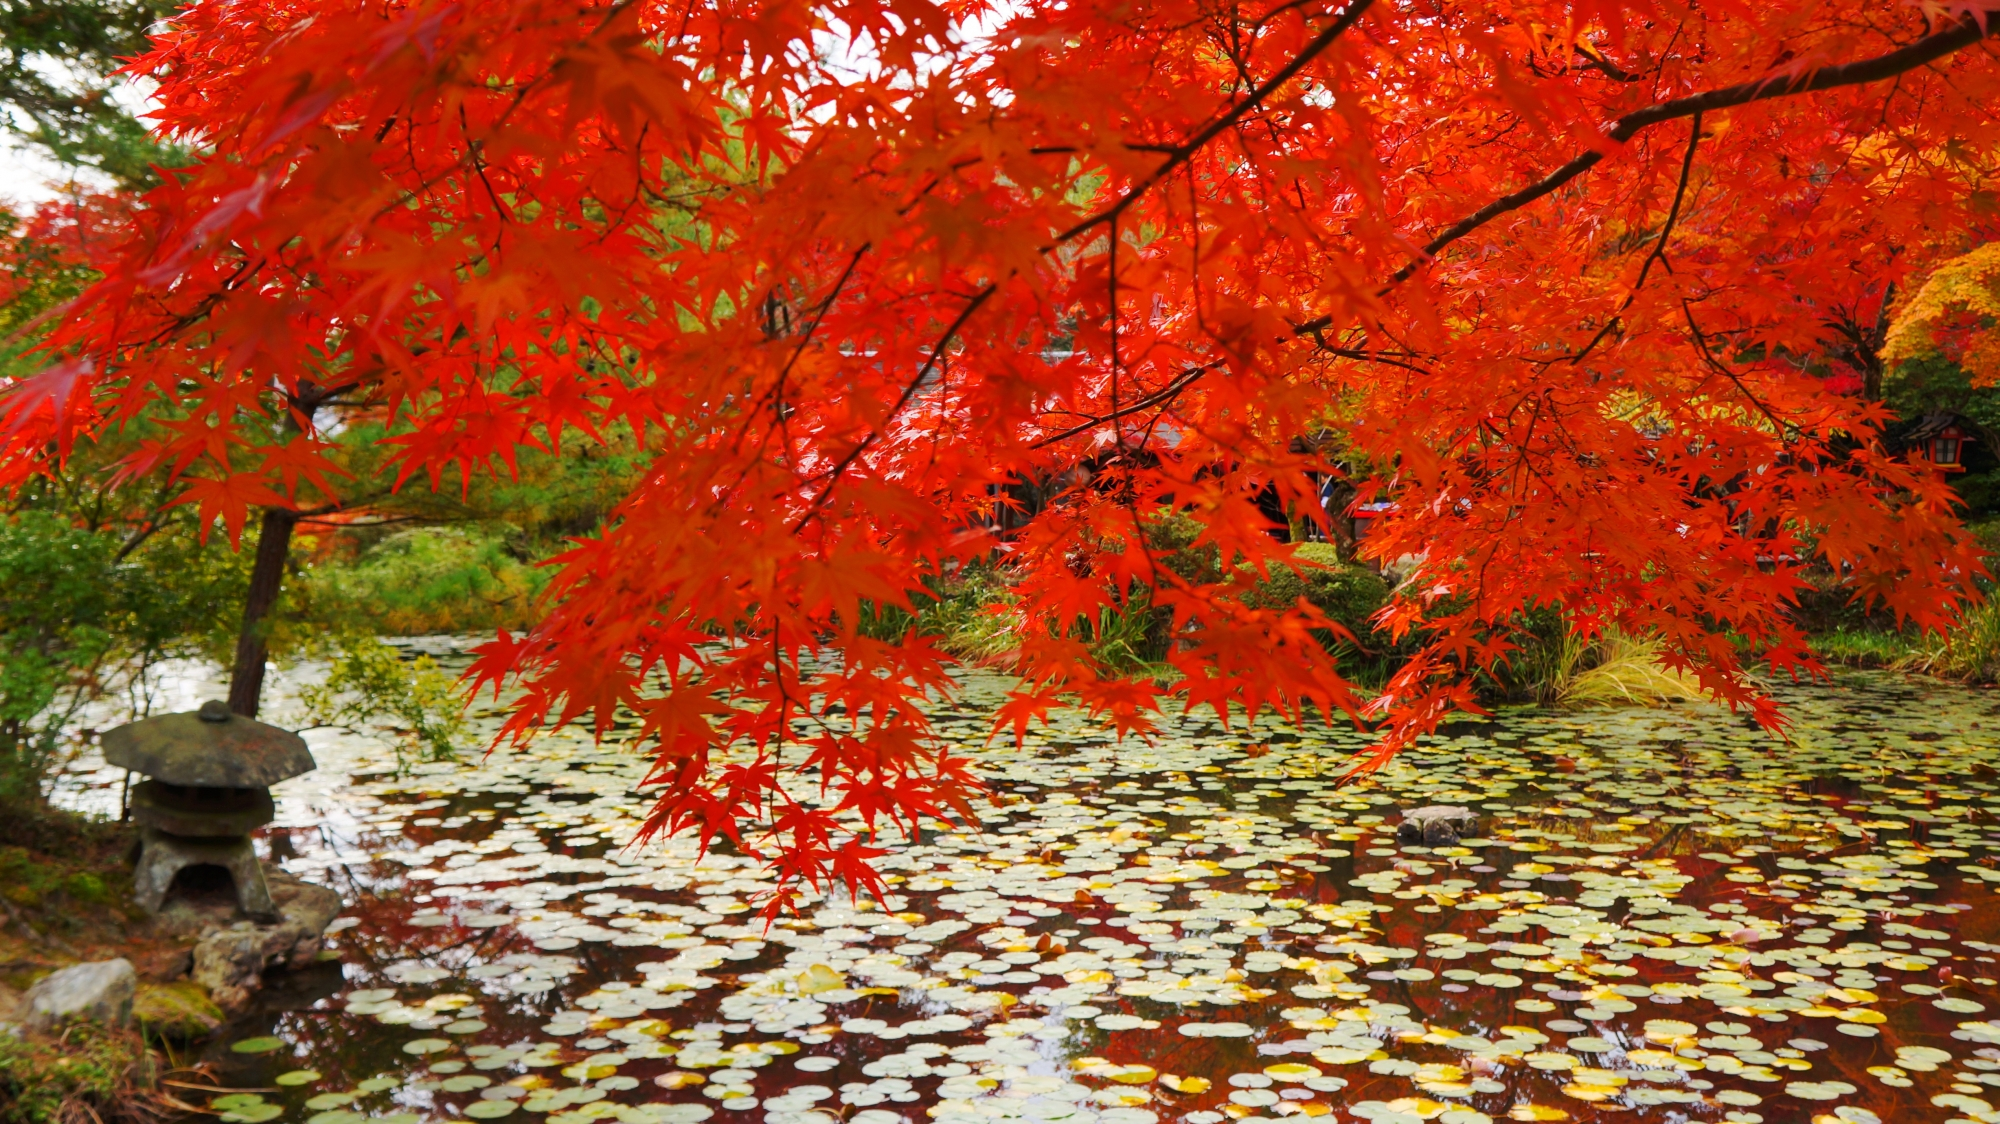 池の畔の小さな蟷螂と紅葉